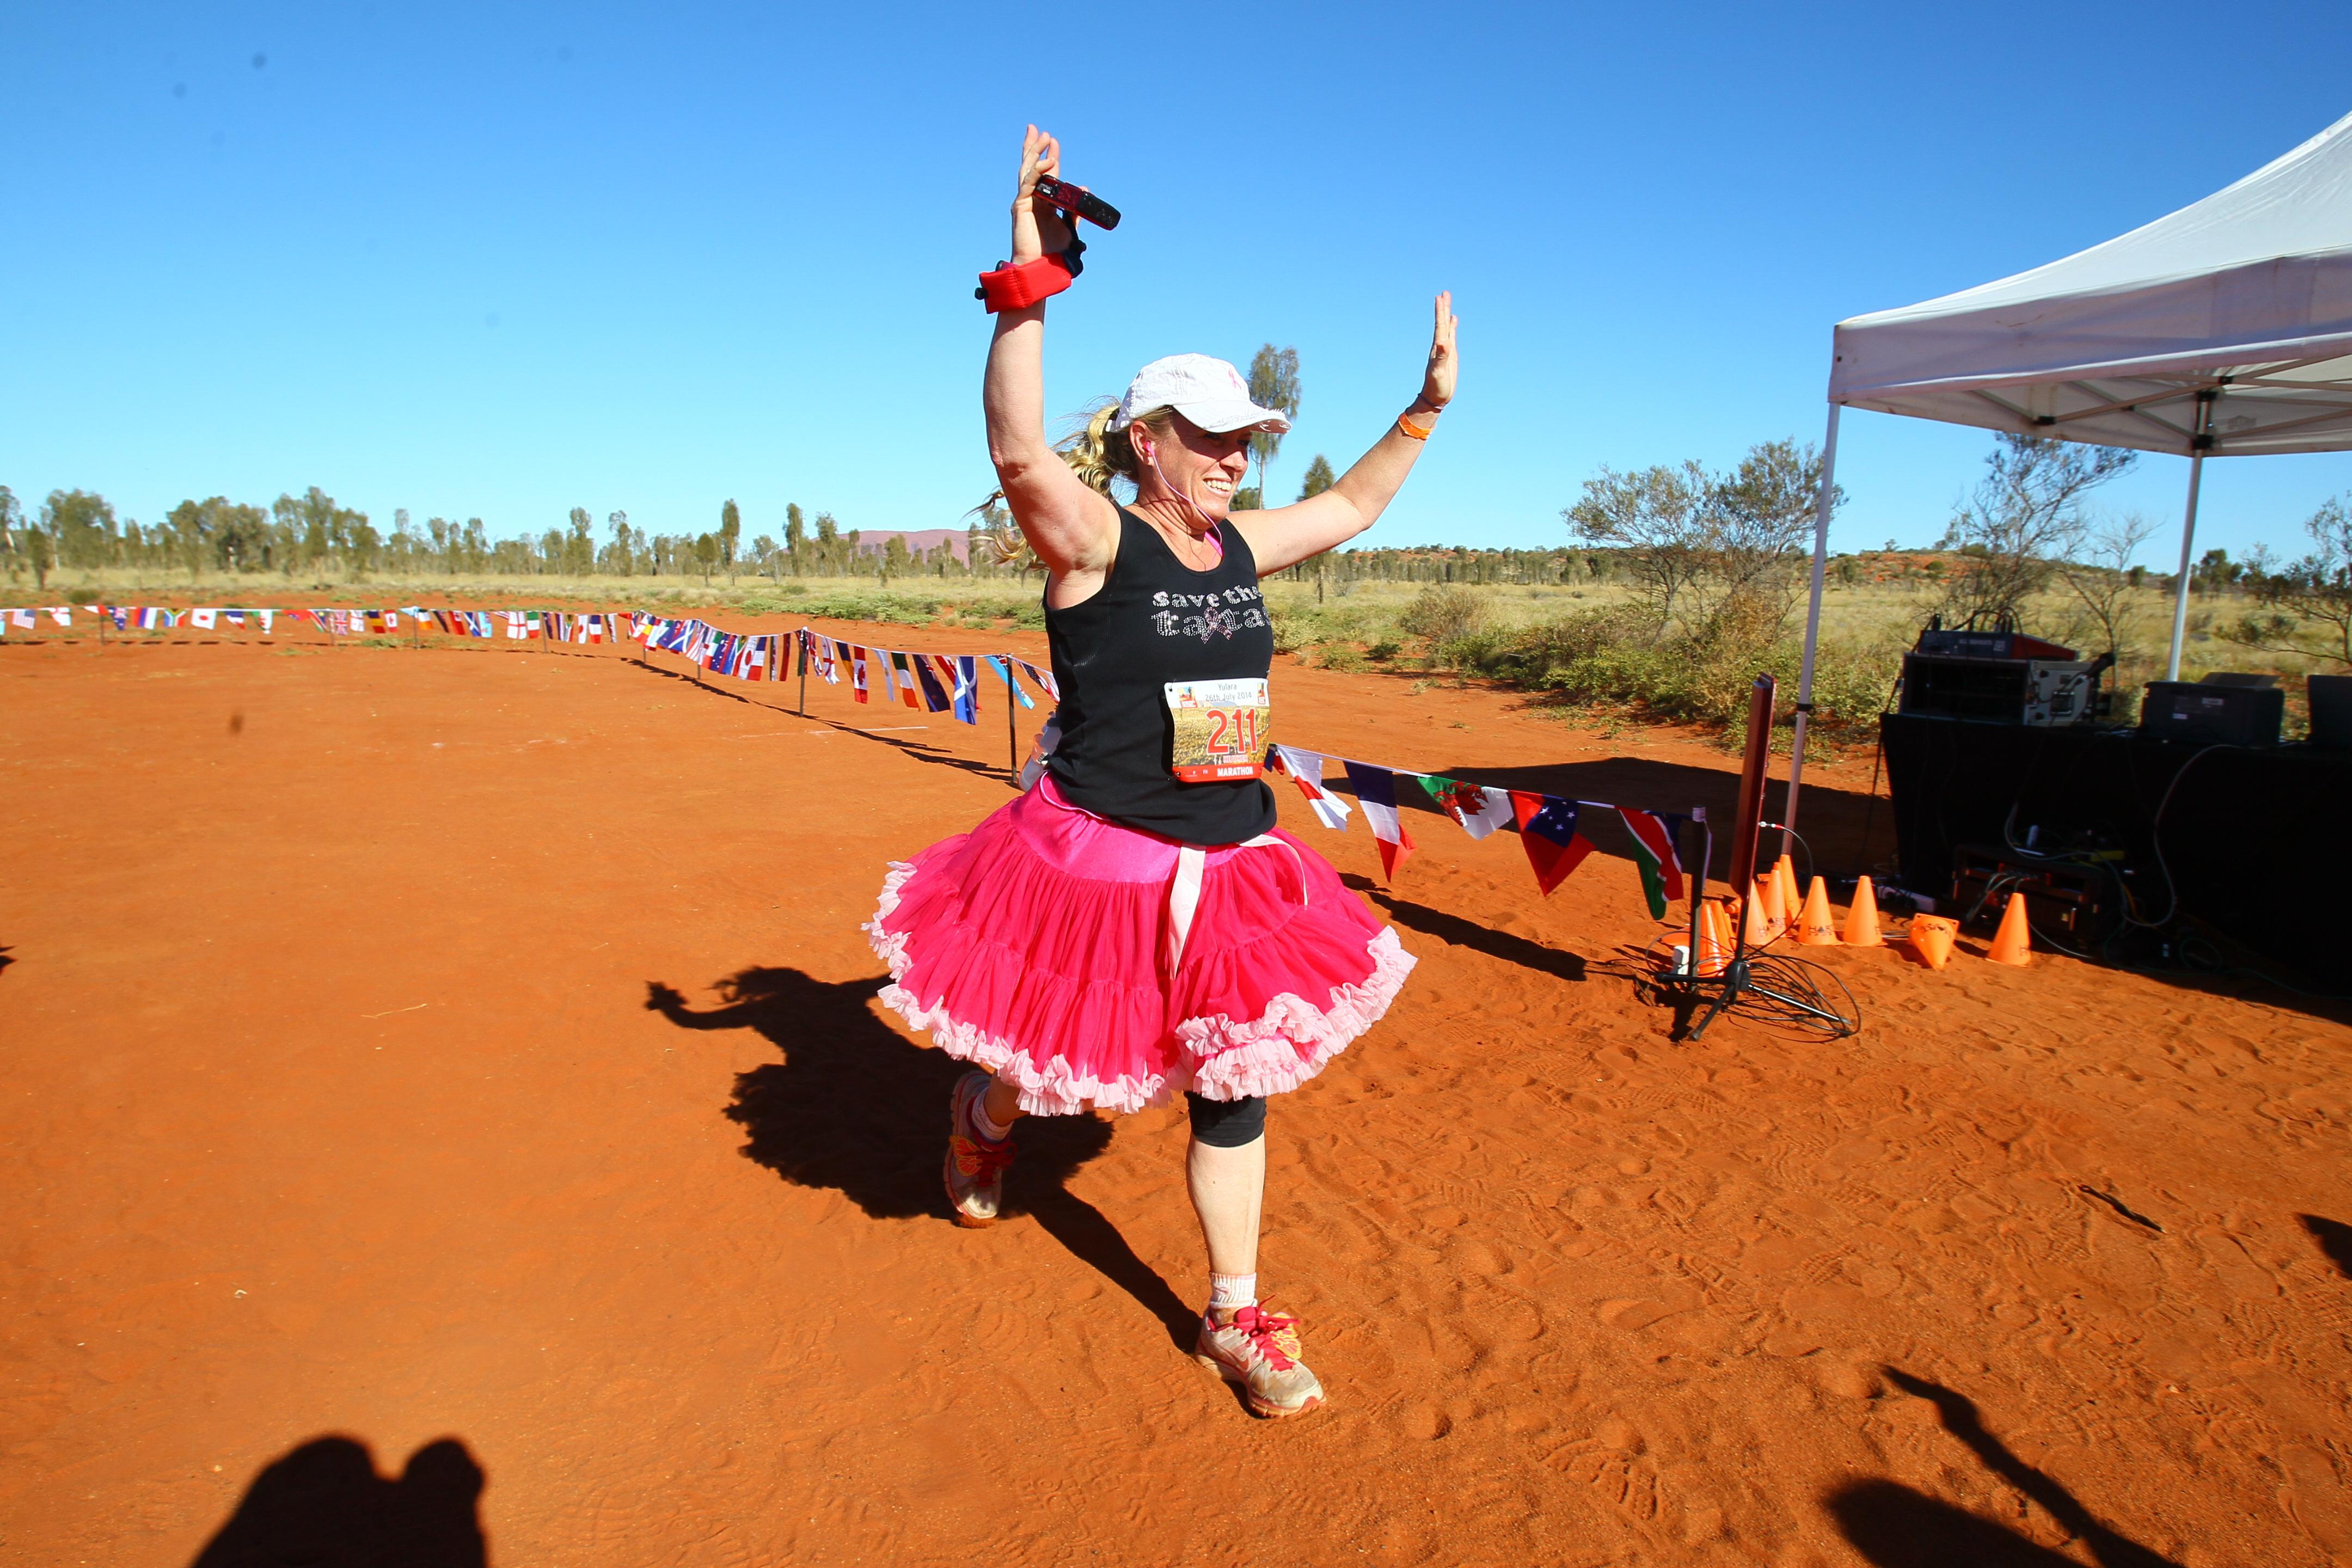 A Woman runs in a tutu in the Australia Outback Marathon